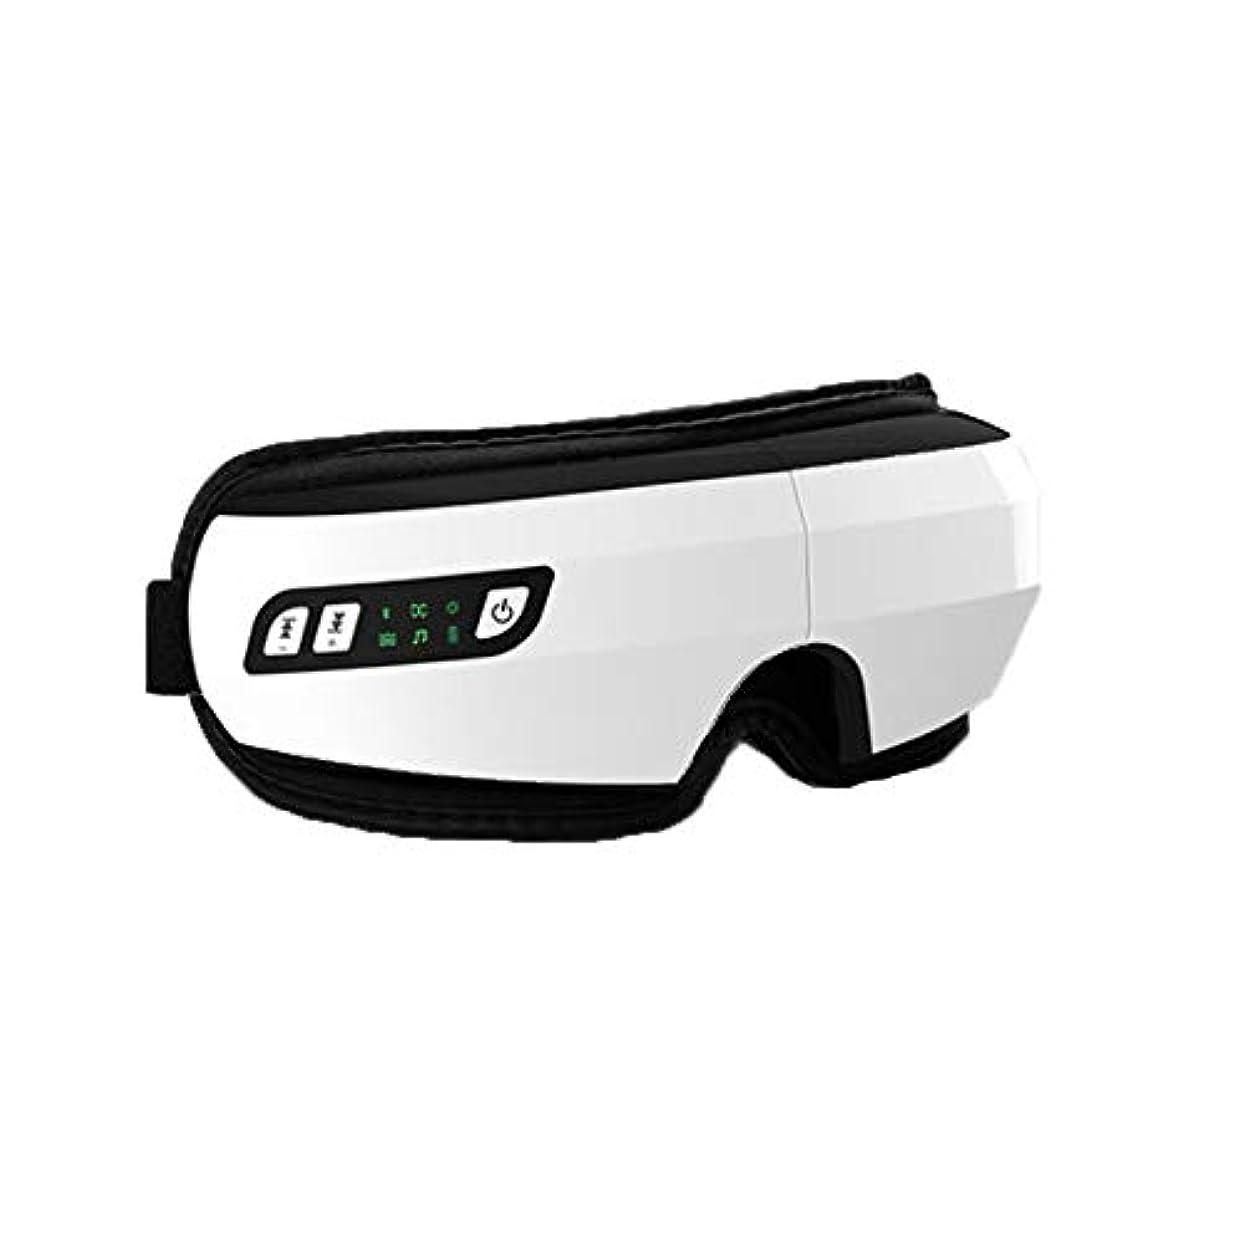 不確実マチュピチュレッスンマッサージャー - 熱い湿布は近視の黒い目の声の振動目の保護の器械を取り除きます (色 : 白)